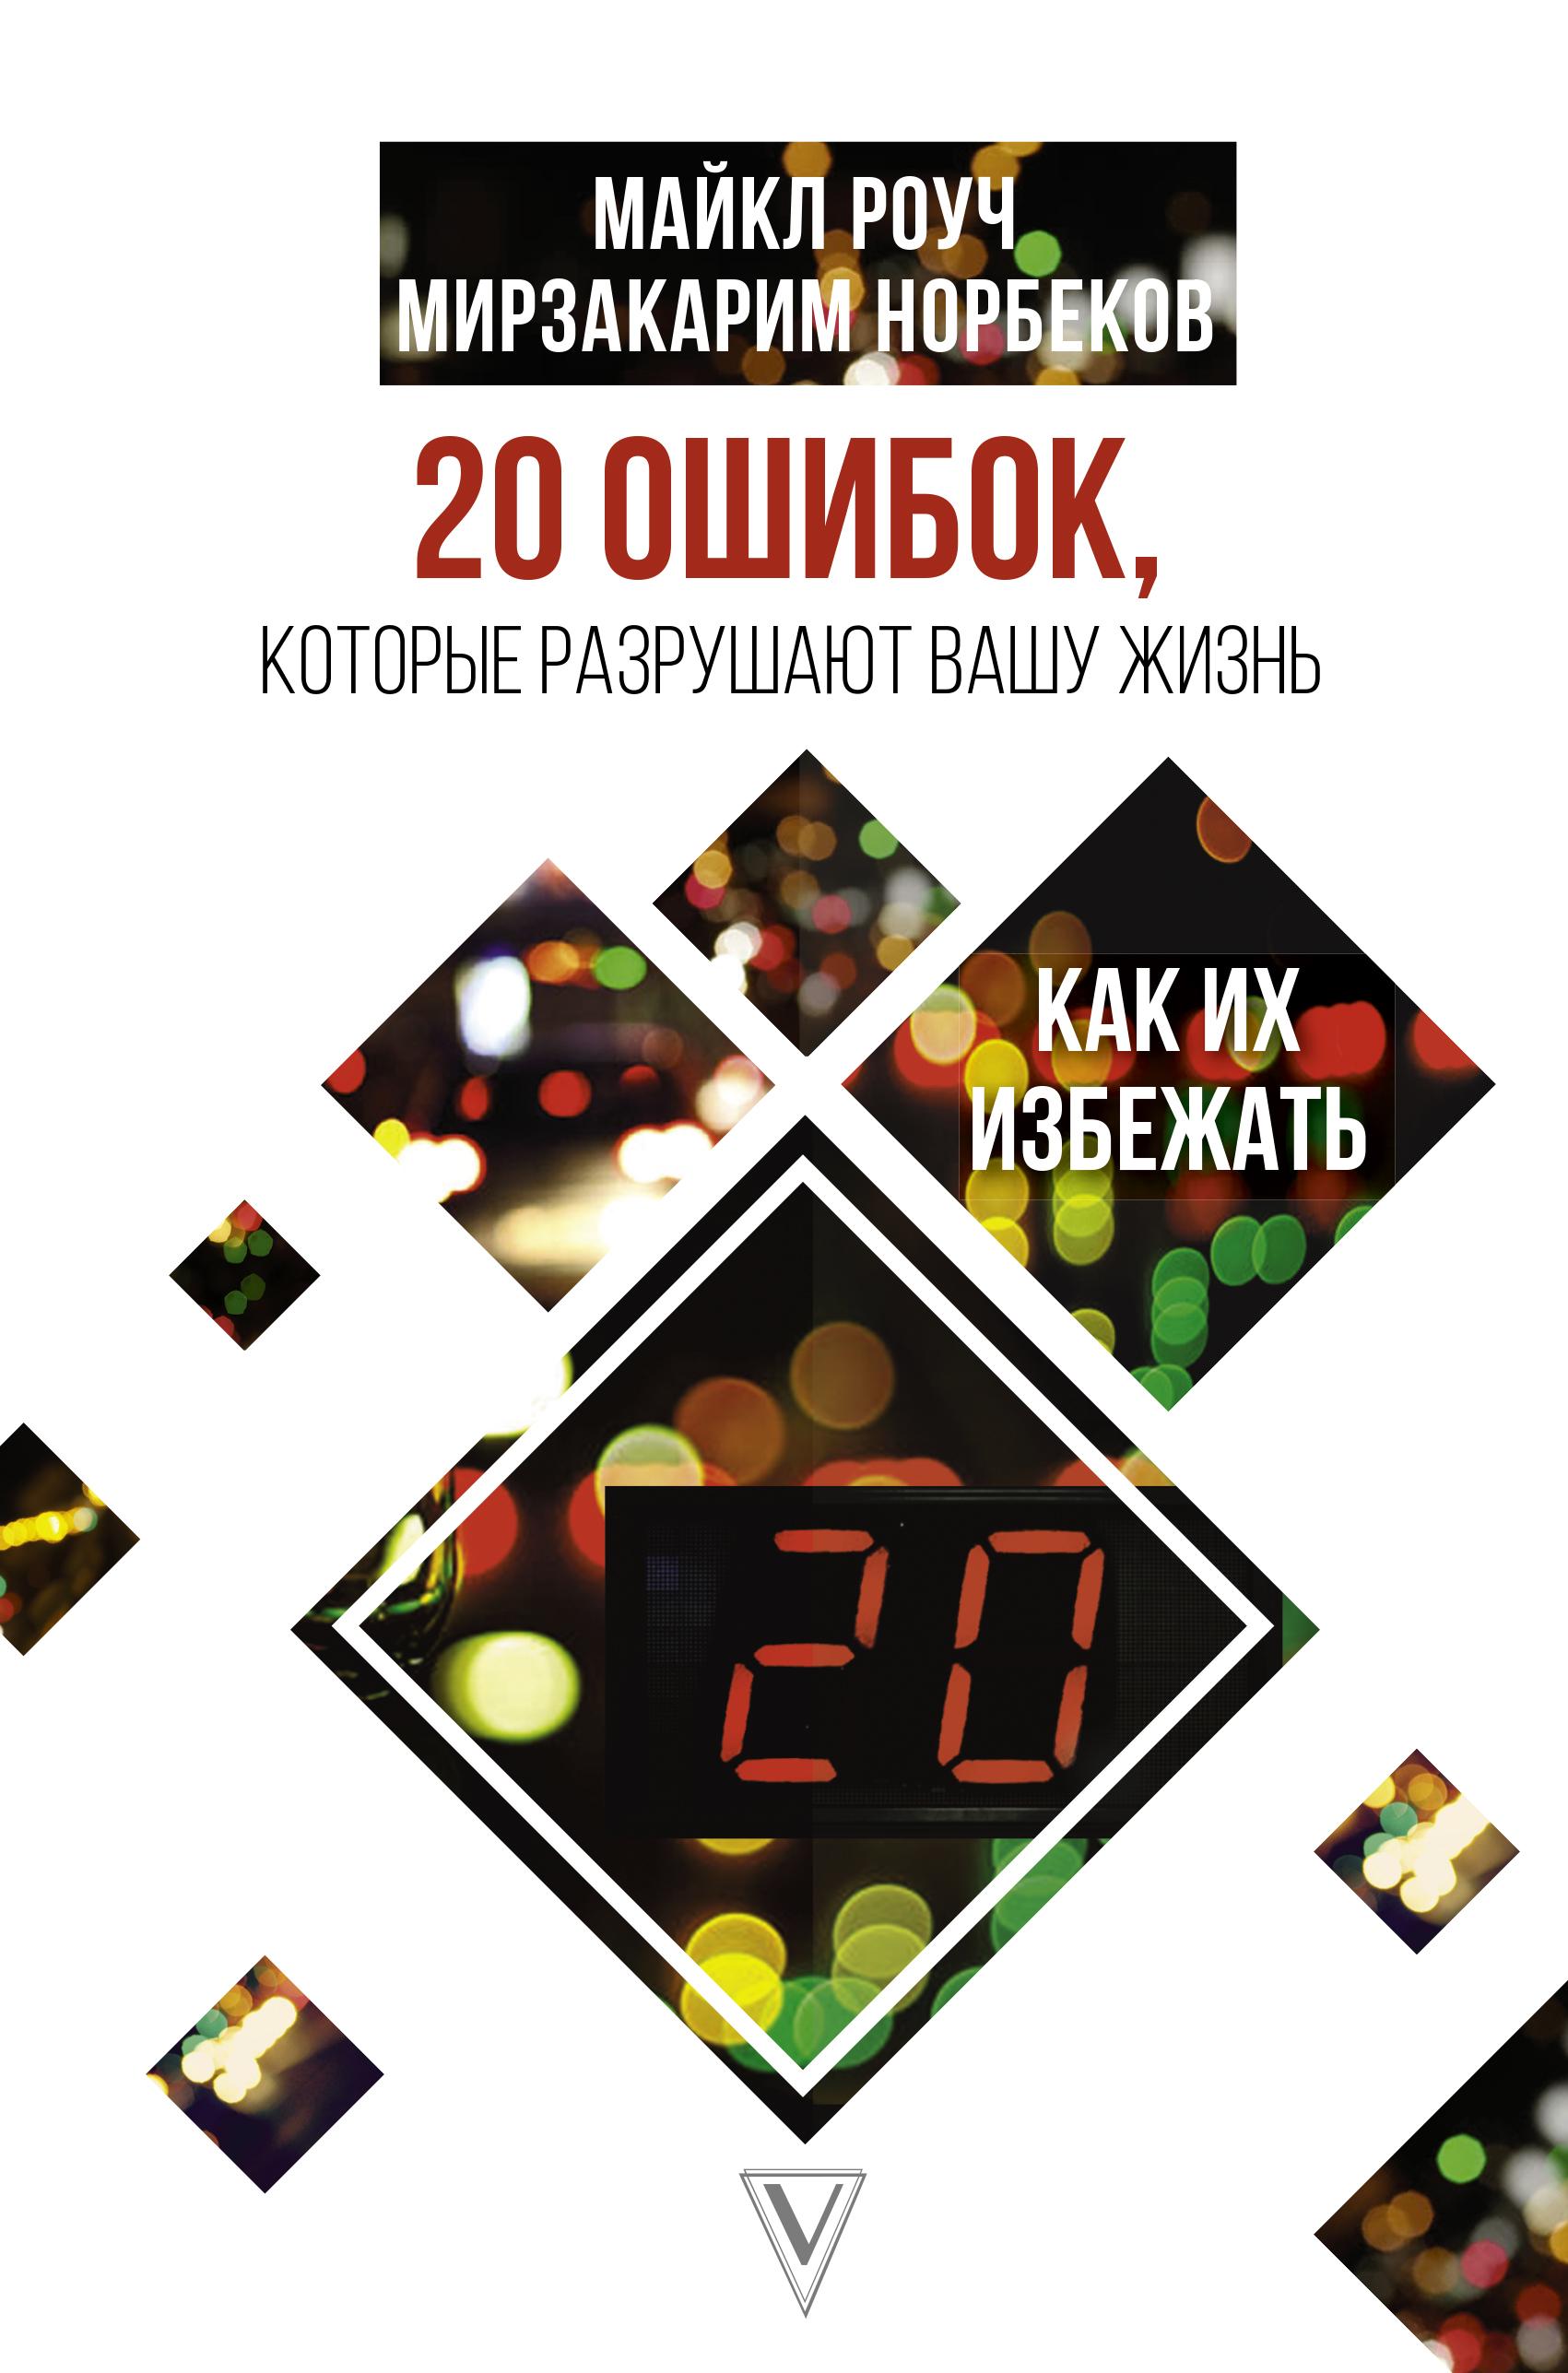 Мирзакарим Норбеков, Майкл Роуч «20 ошибок, которые разрушают вашу жизнь, и как их избежать»